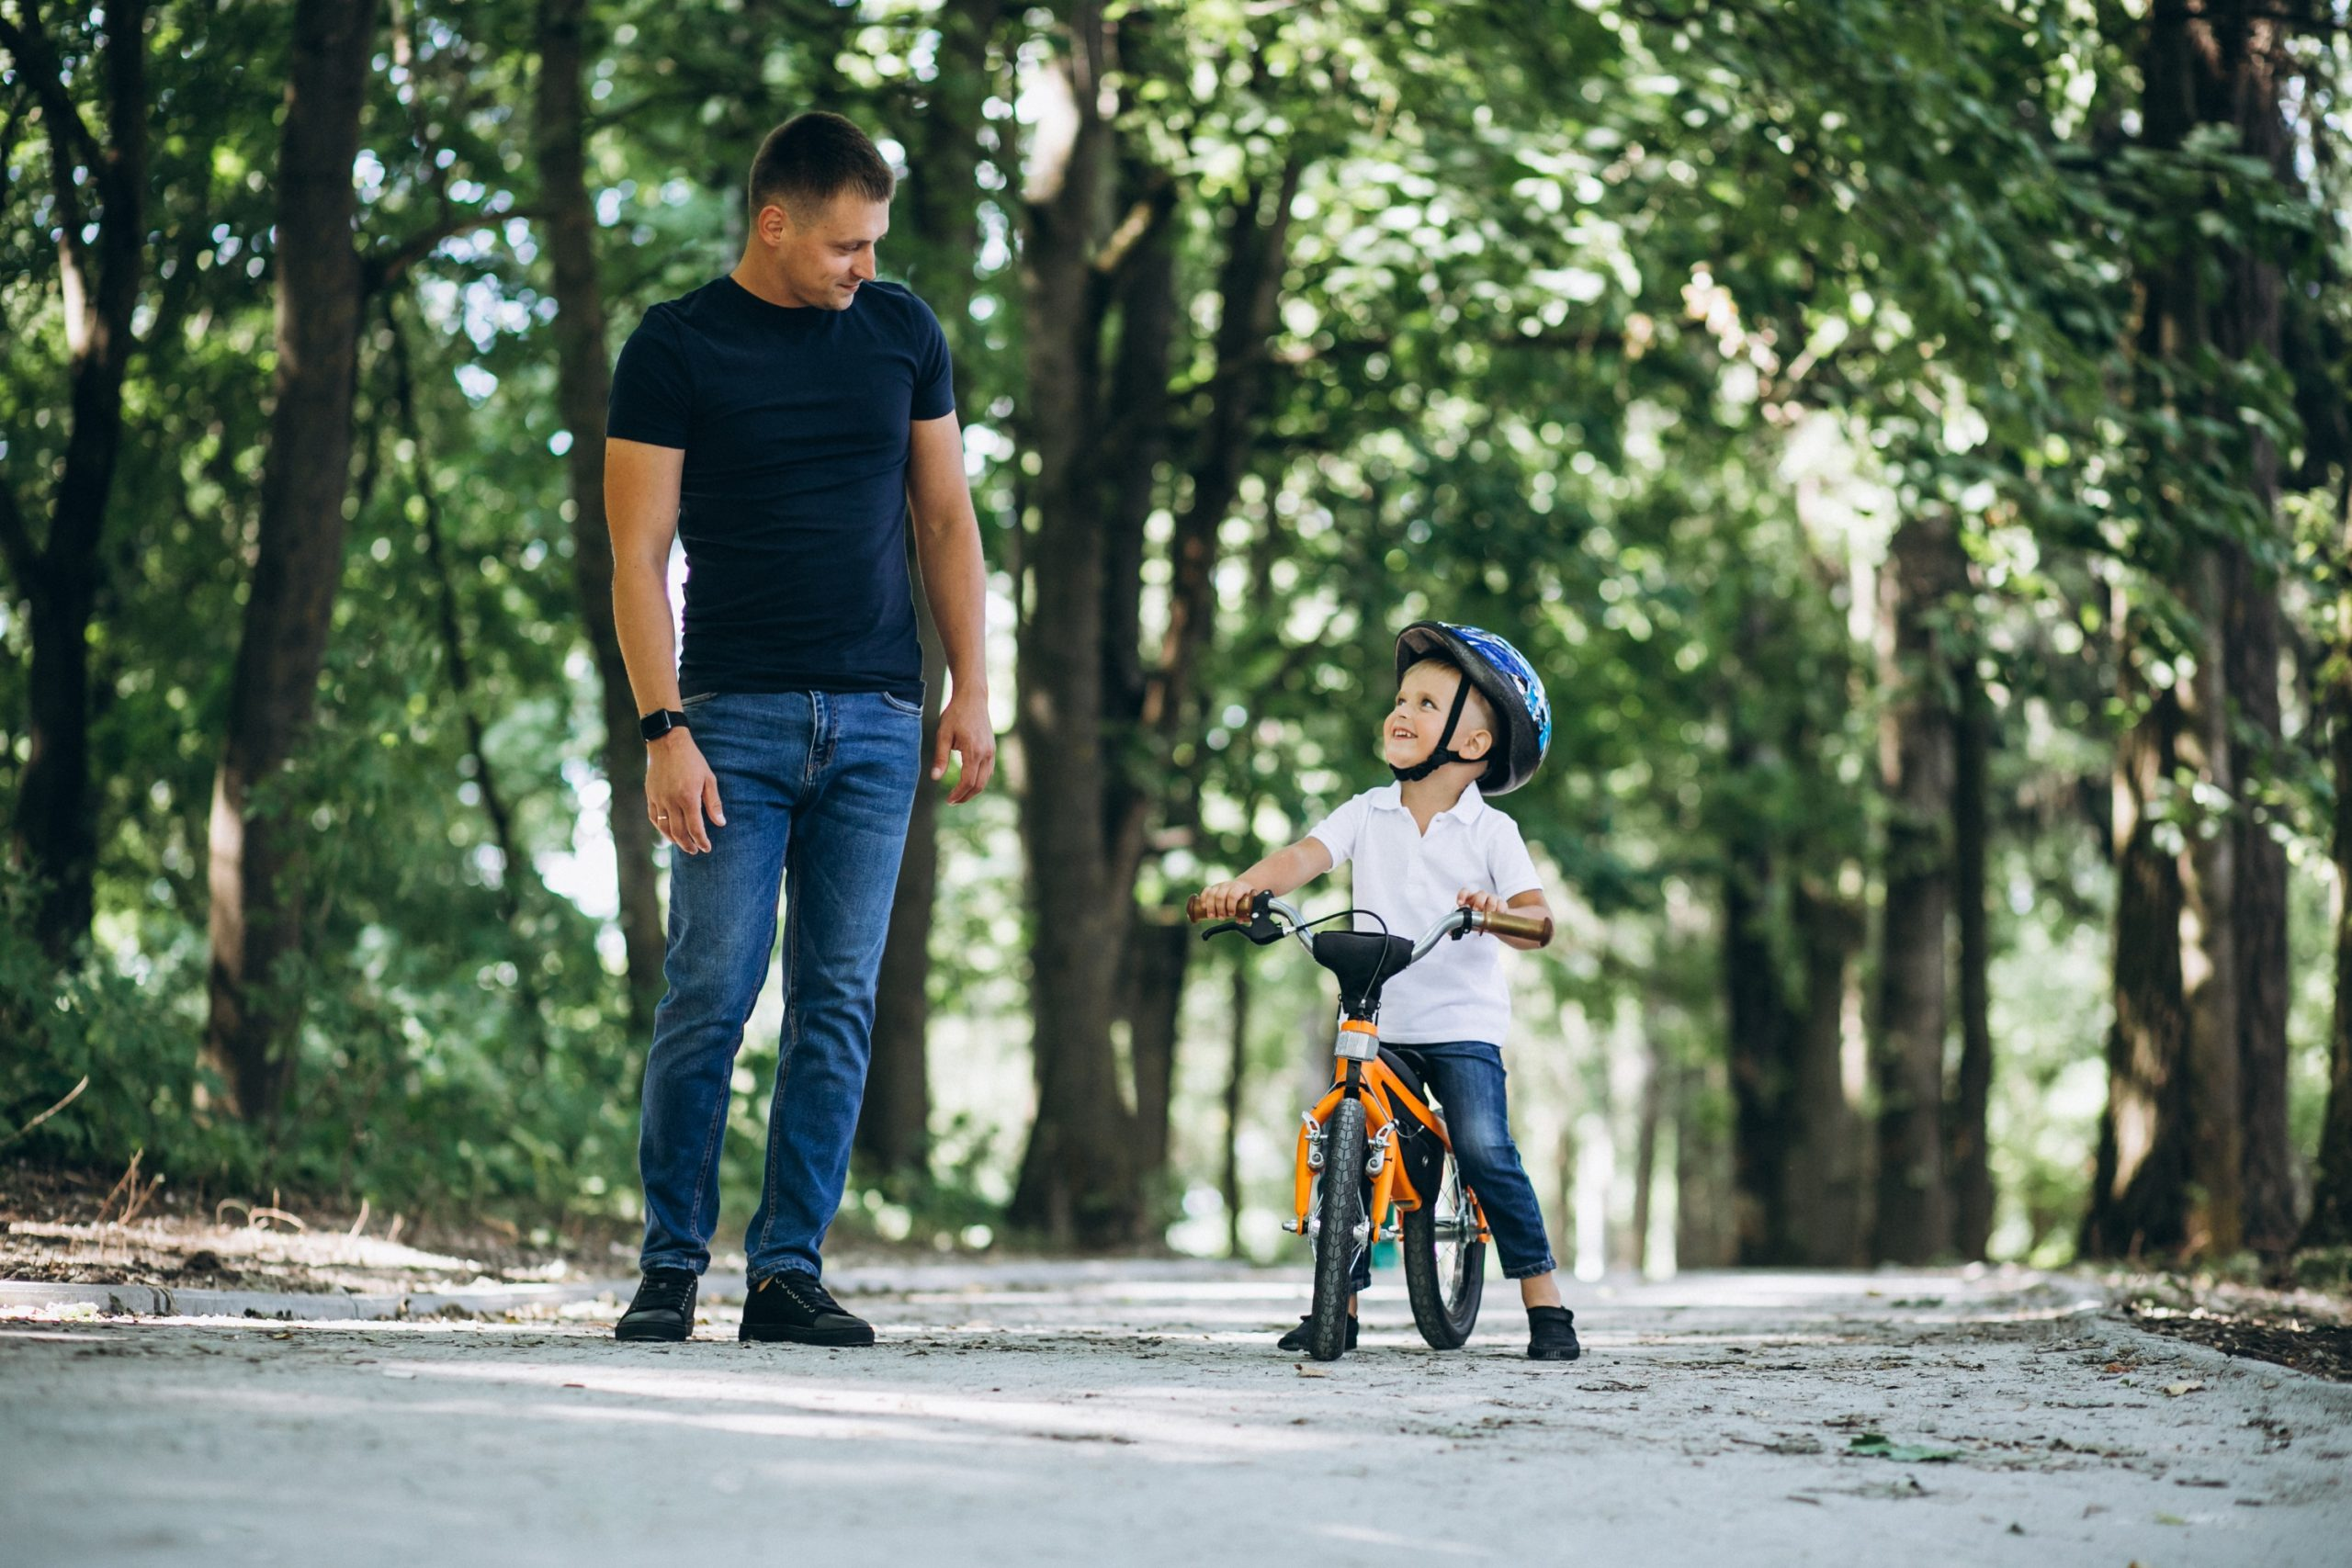 Otrok na poganjalčku in kolesu